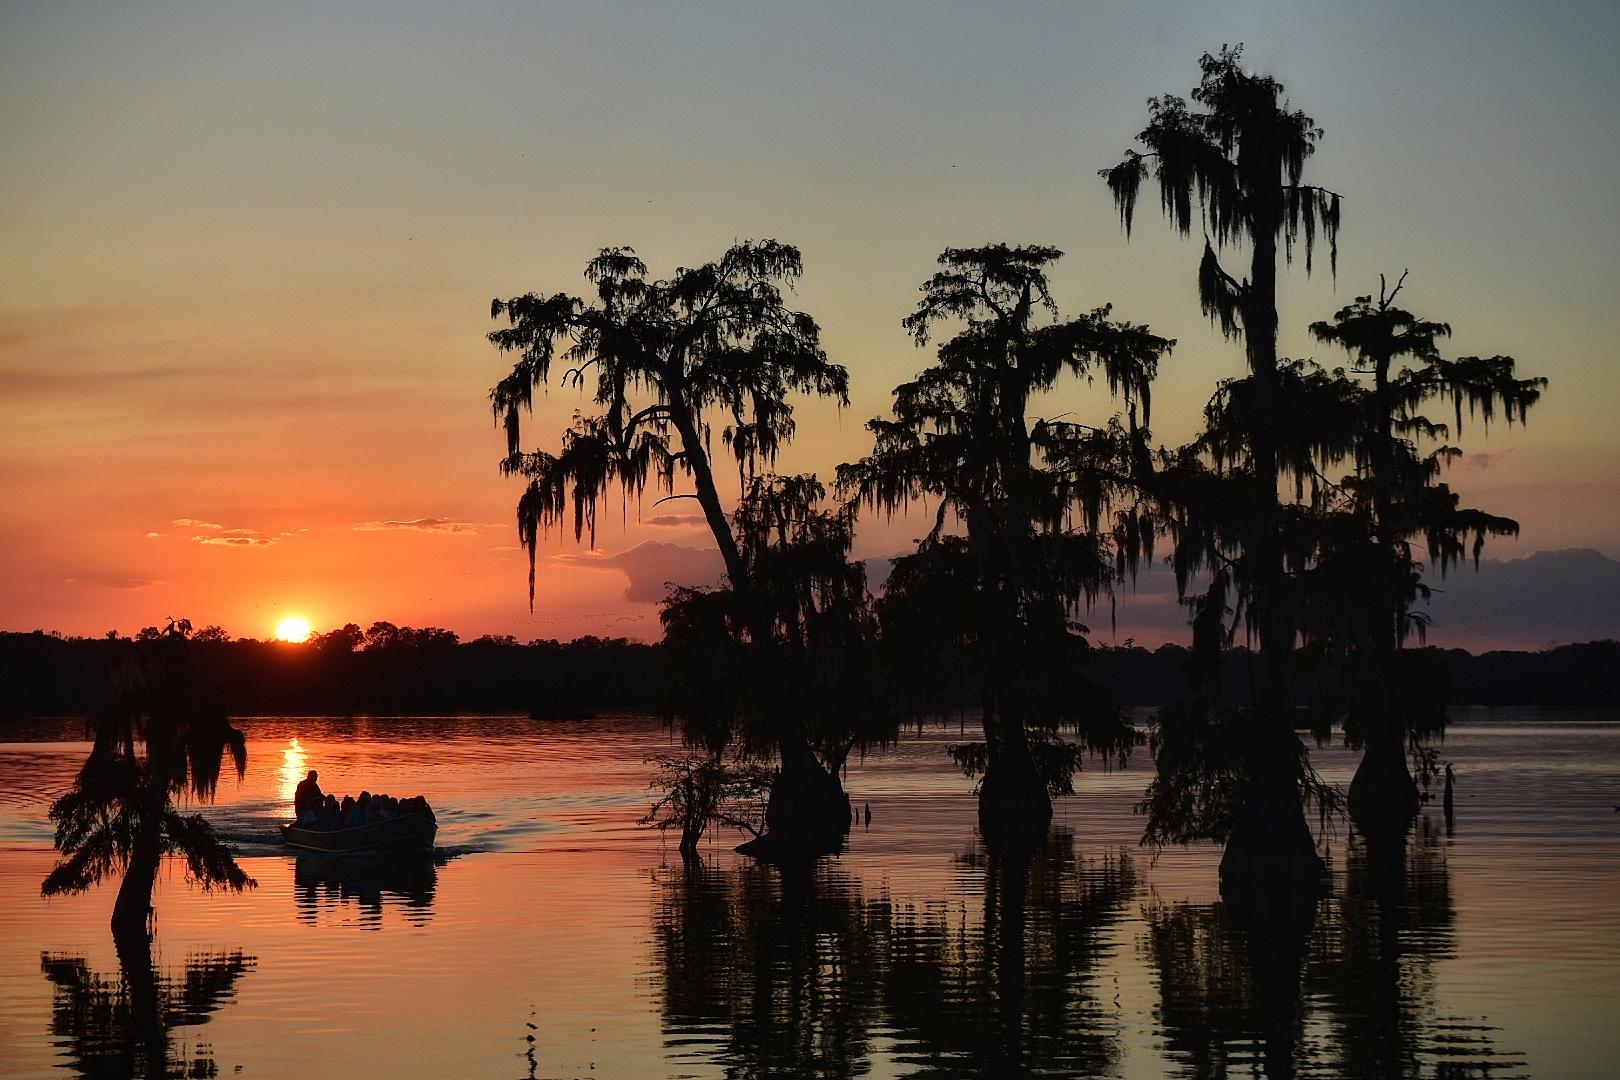 Lake Martin, Louisiana. Photo by Marc Boswell.